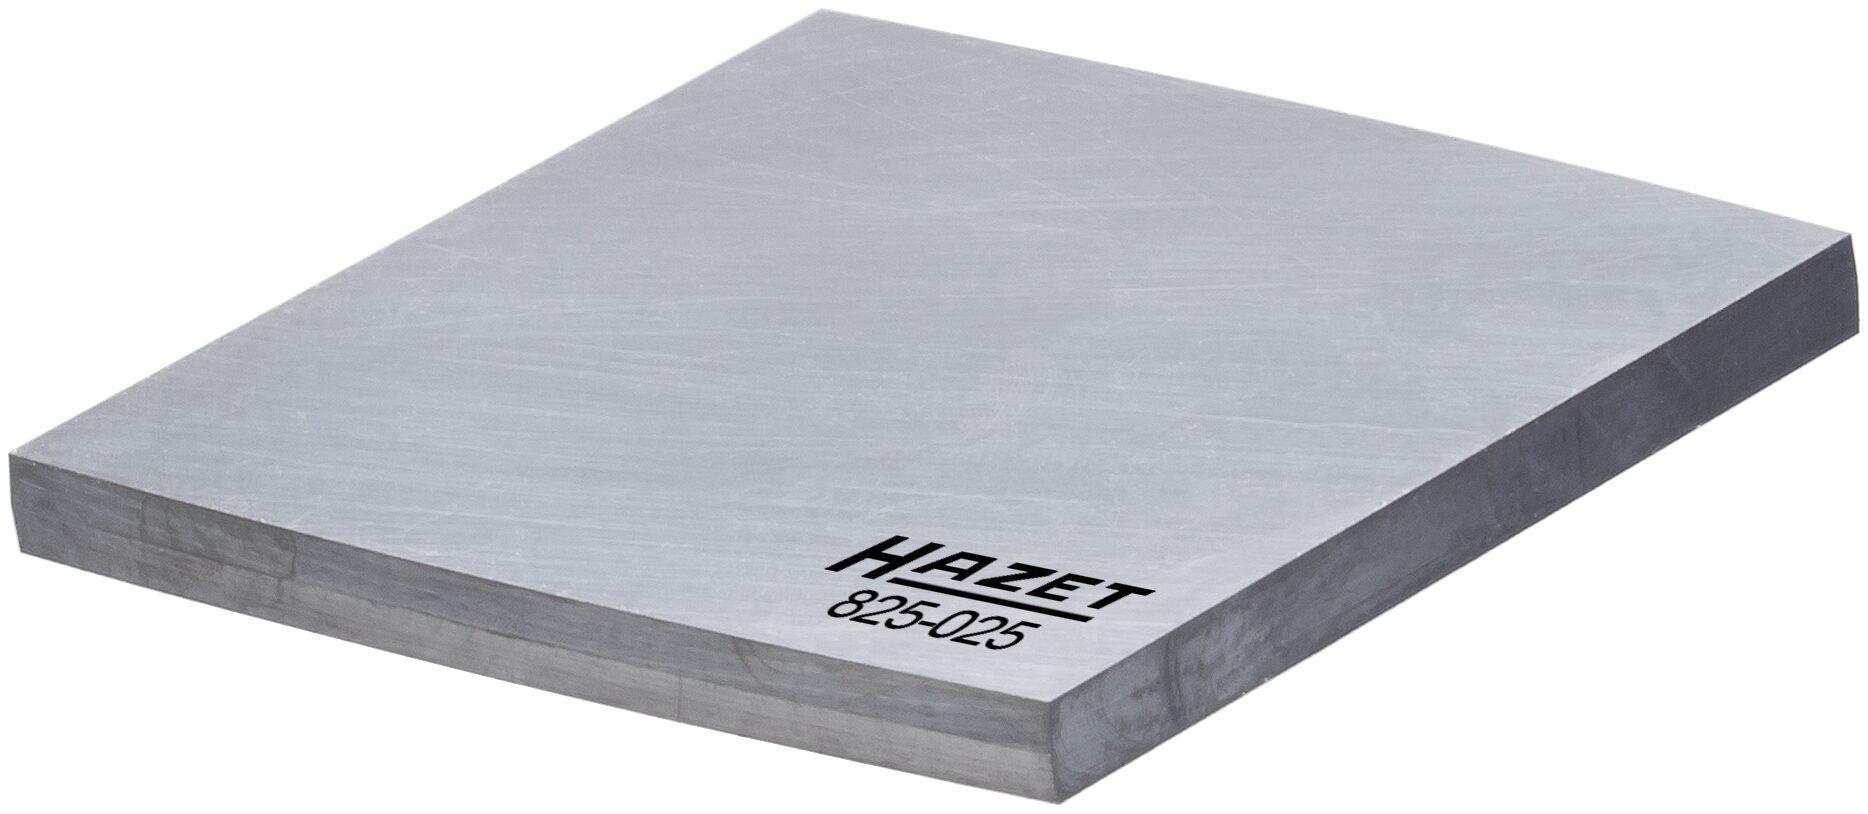 HAZET Hartmetall Wendeschneidplatte 825-025 ∙ Flachprofil ∙  x 25 mm